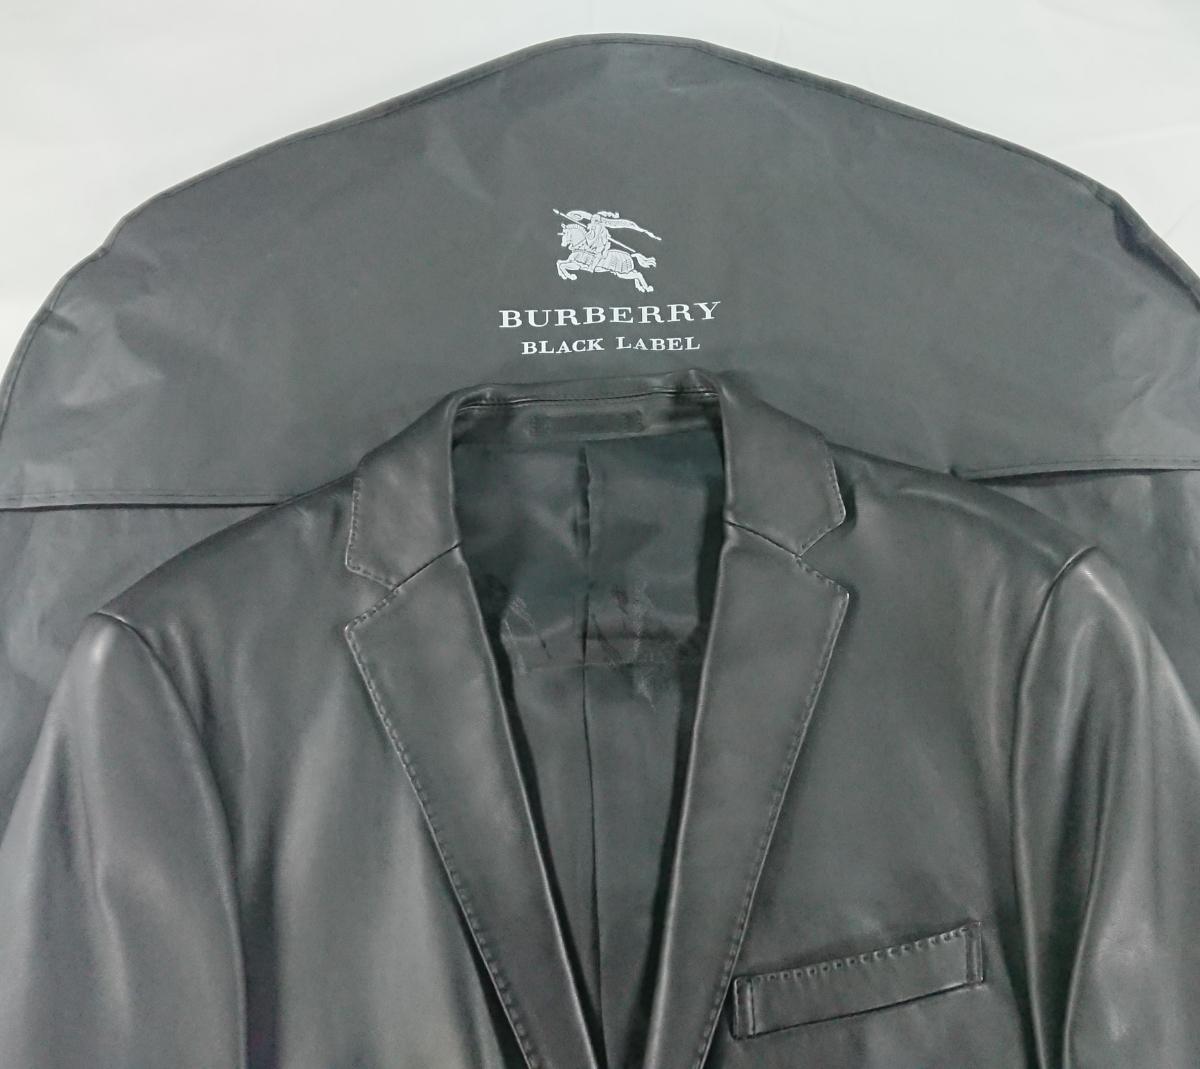 バーバリー ブラックレーベル ラムスキン レザー ジャケット L 美品 ブラック 羊革 BURBERRY BLACK LABEL